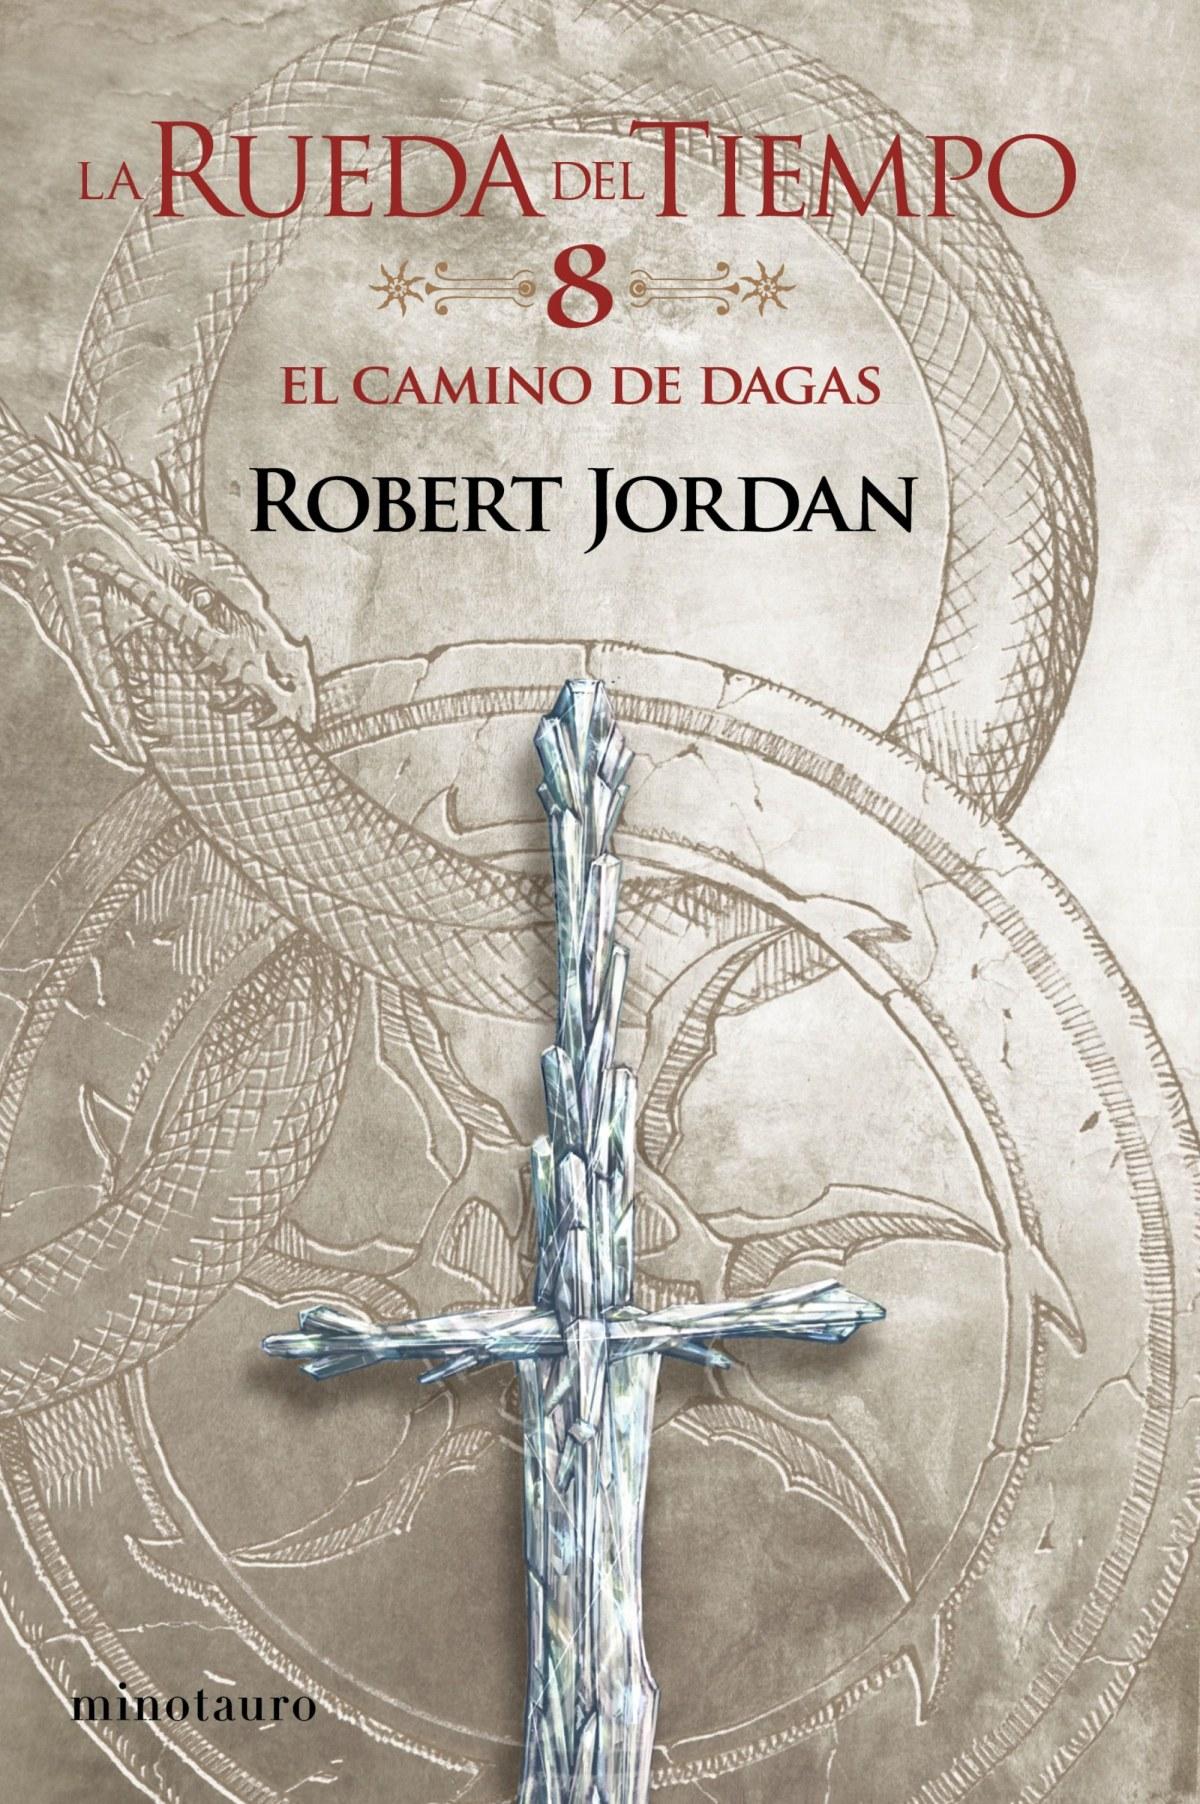 La Rueda del Tiempo no. 08/14 El Camino de Dagas 9788445007075